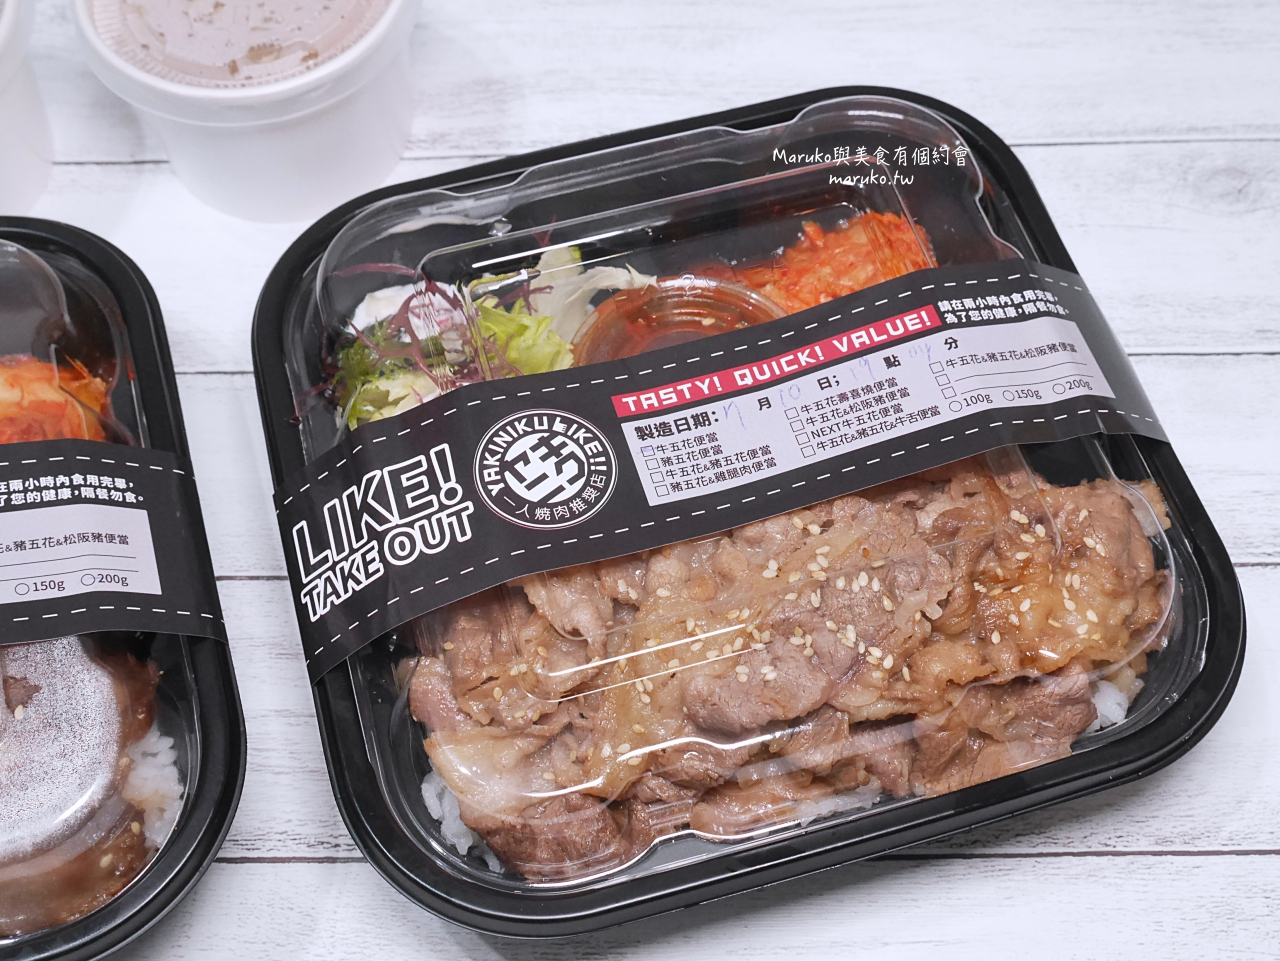 【台北】和牛涮 王品旗下第一家和牛鍋物吃到飽 和牛便當 180元有找 @Maruko與美食有個約會